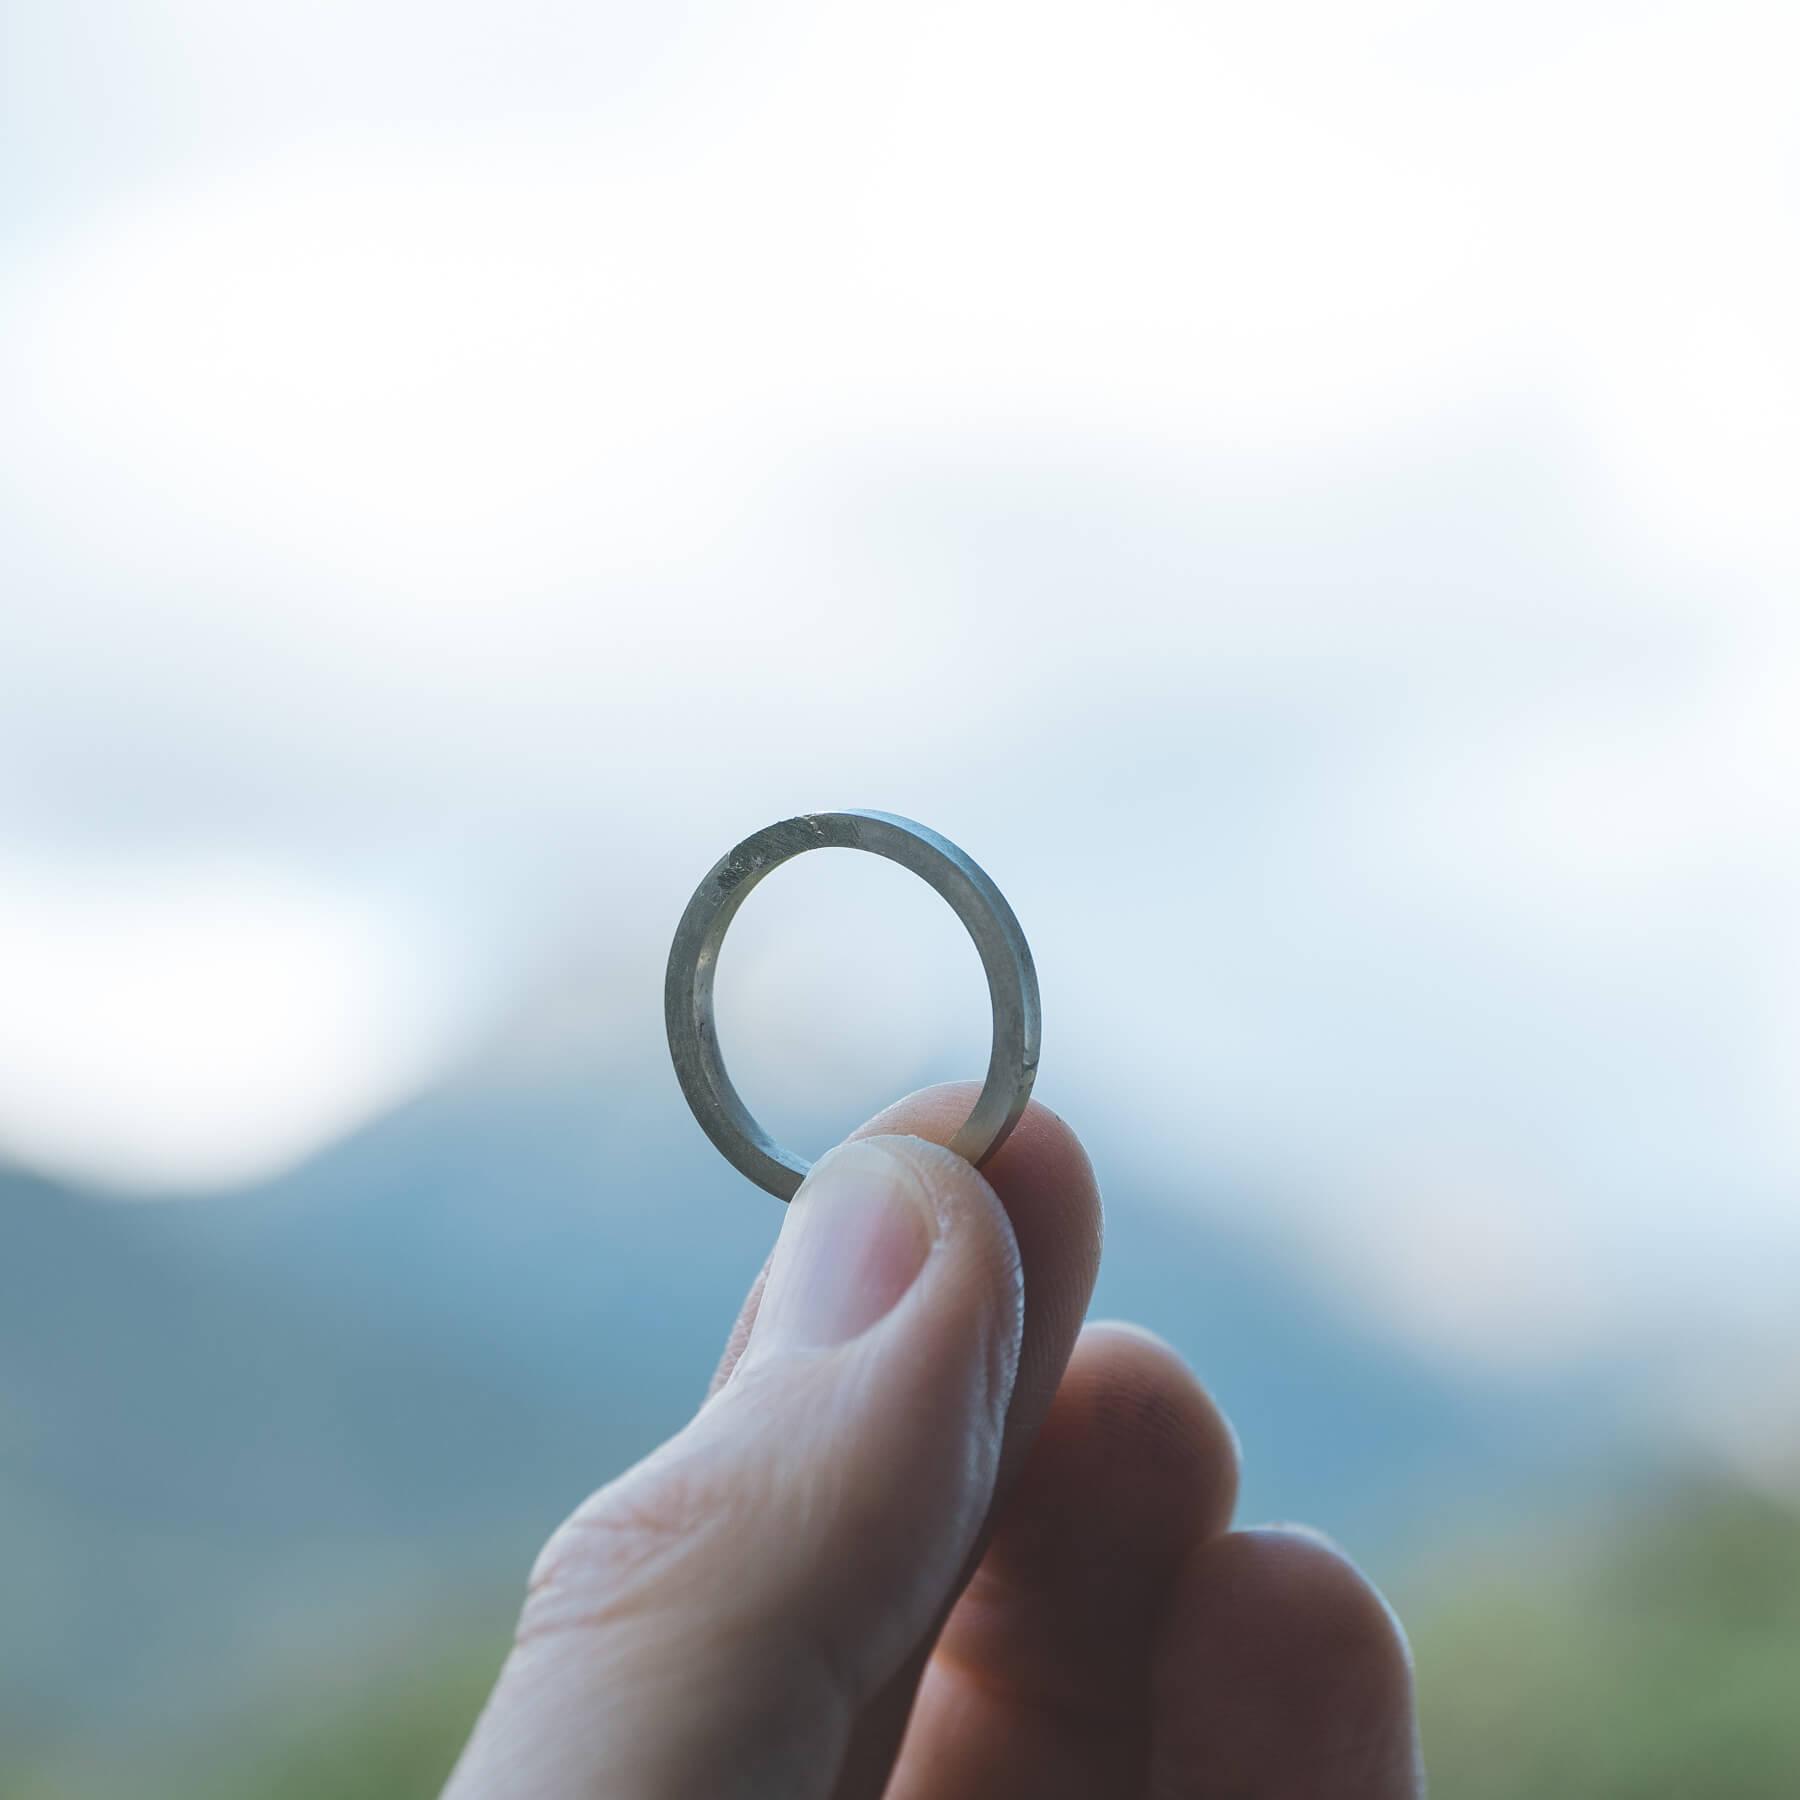 制作途中のオーダーメイドマリッジリング 手に持って 屋久島の山々バック 屋久島でつくる結婚指輪